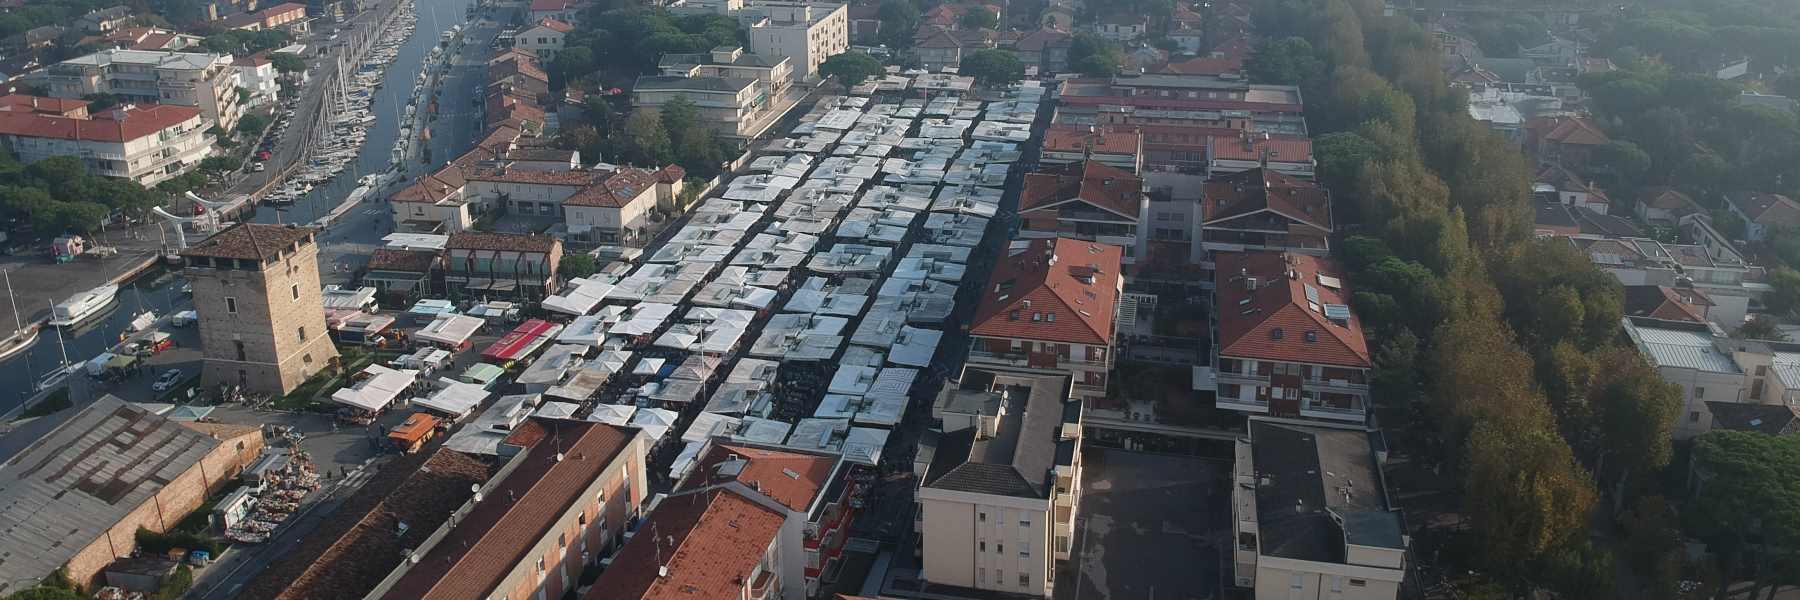 Piazza Andrea Costa